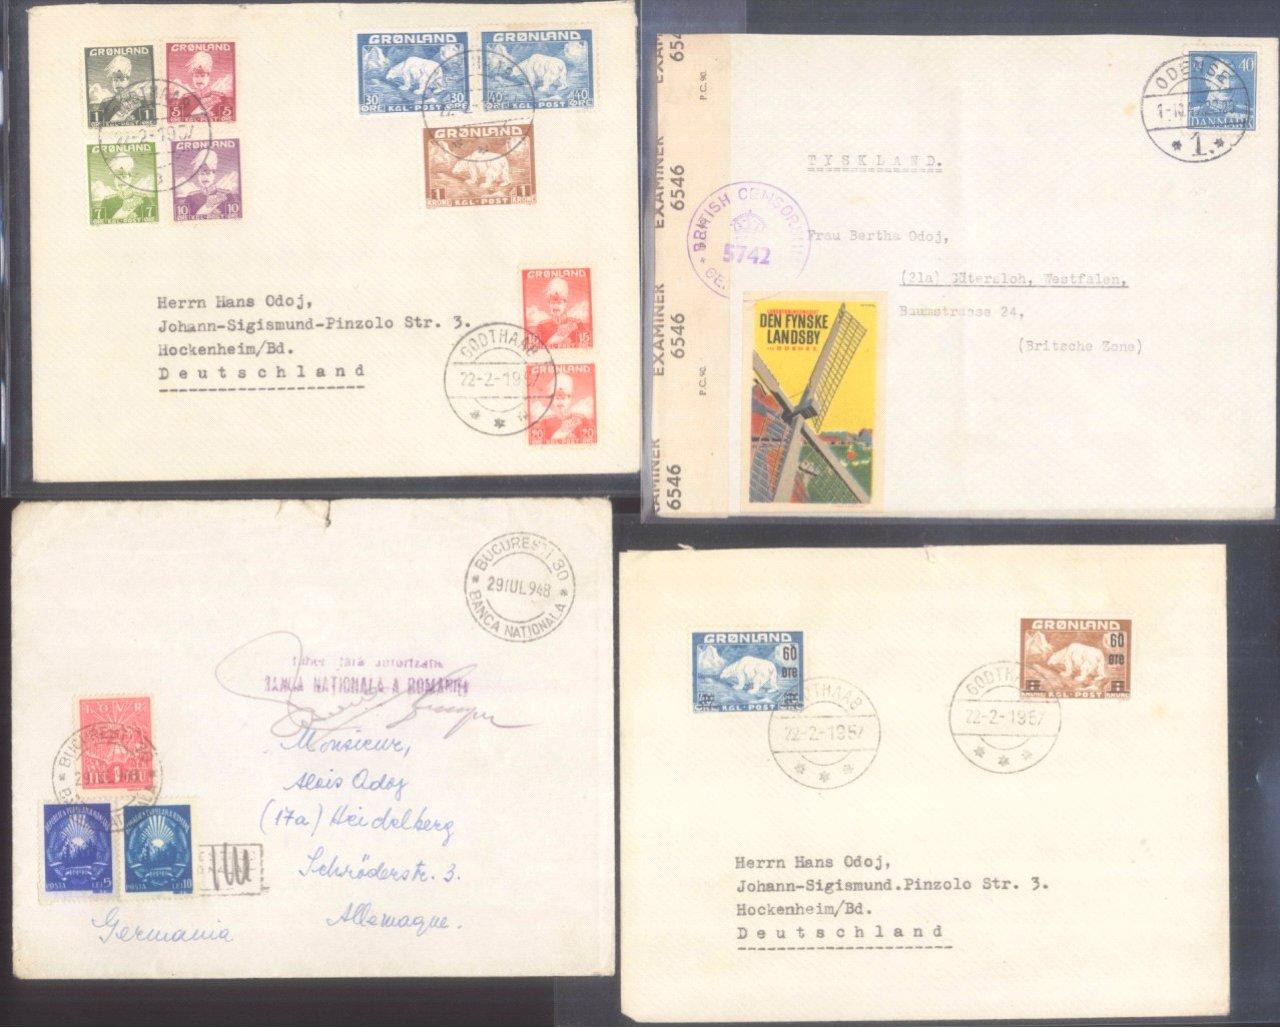 EUROPA – Belegeposten,Frankreich,Rumänien,Dänemark,Schweden